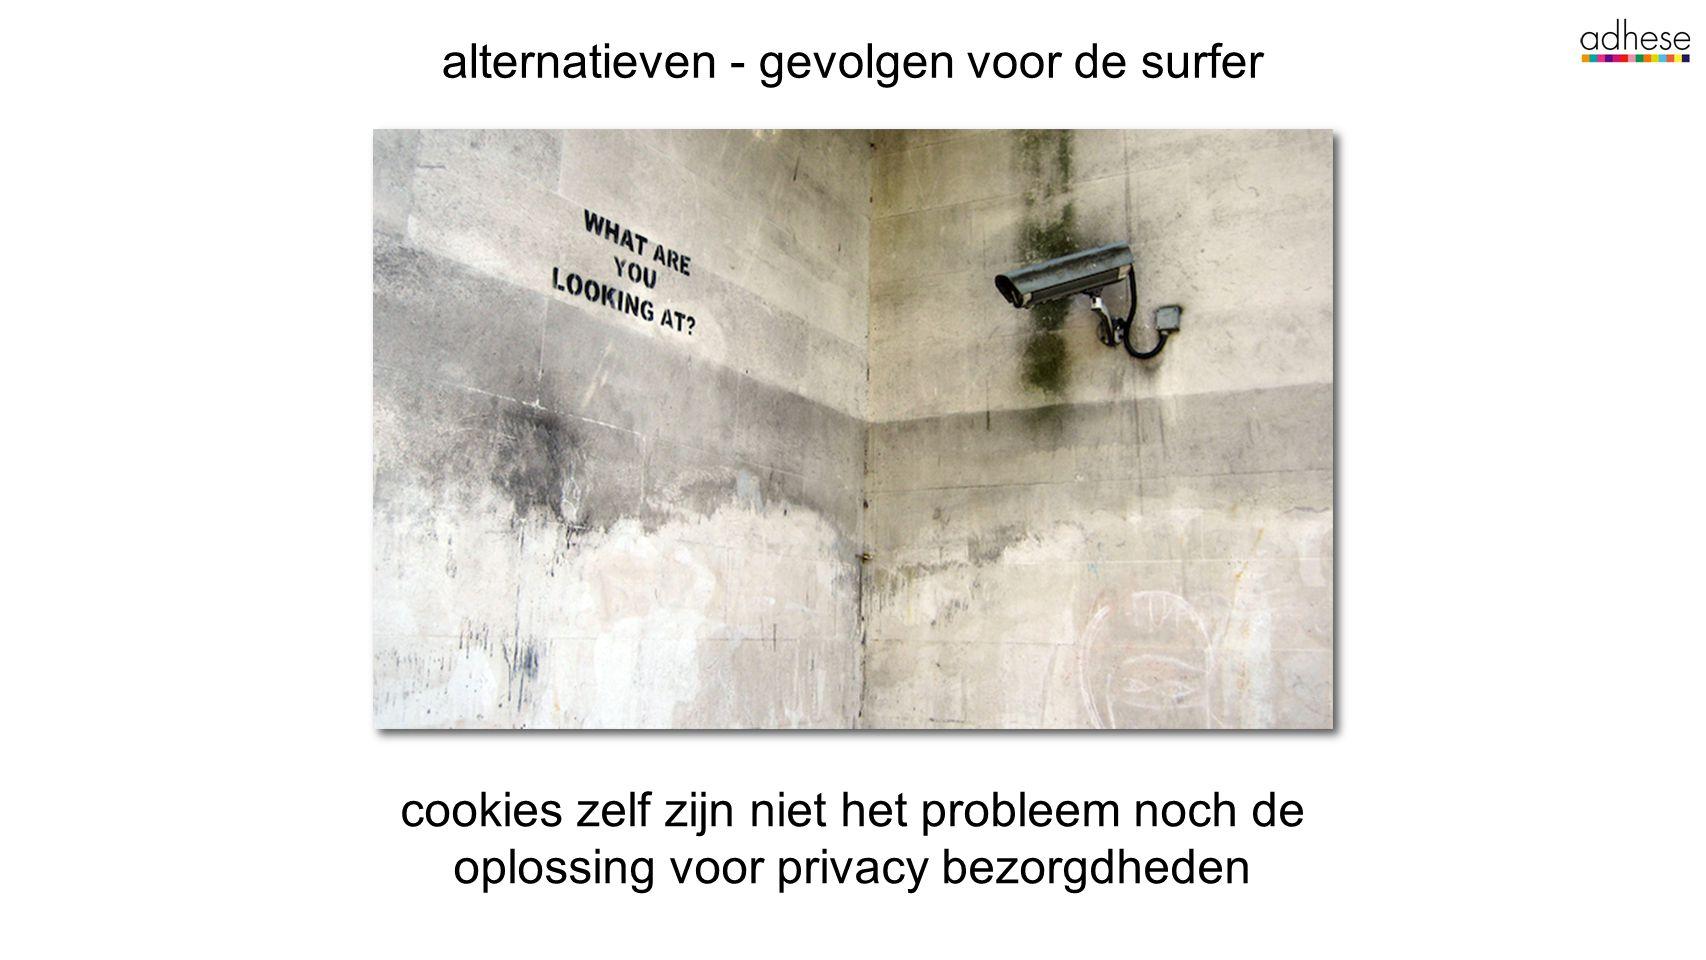 alternatieven - gevolgen voor de surfer cookies zelf zijn niet het probleem noch de oplossing voor privacy bezorgdheden